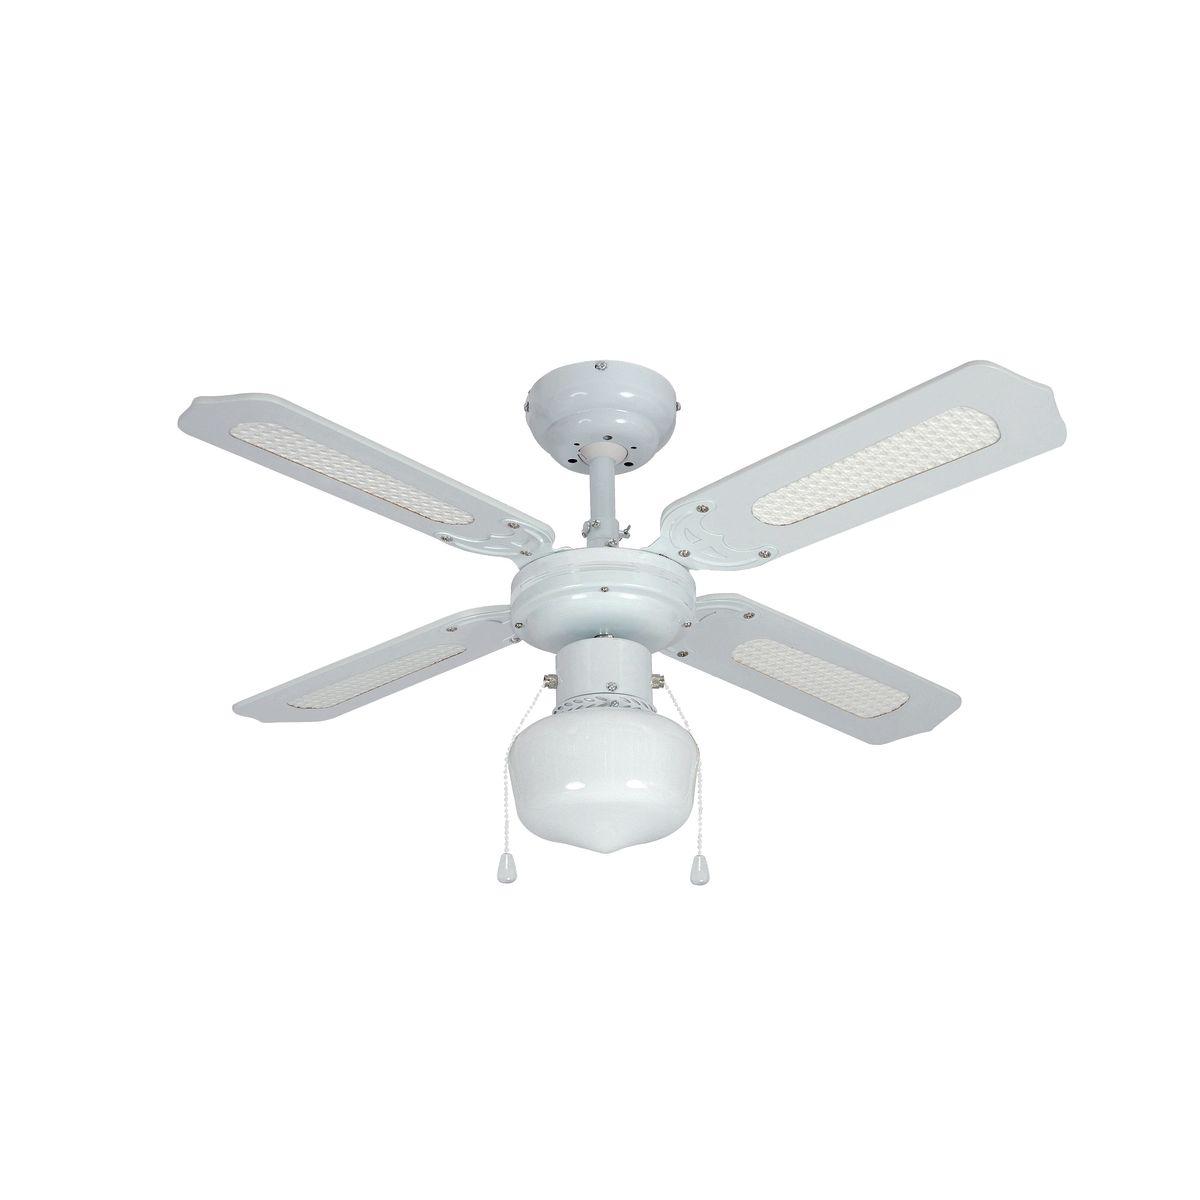 Ventilatori a soffitto leroy merlin ya79 pineglen for Ikea ventilatori da soffitto